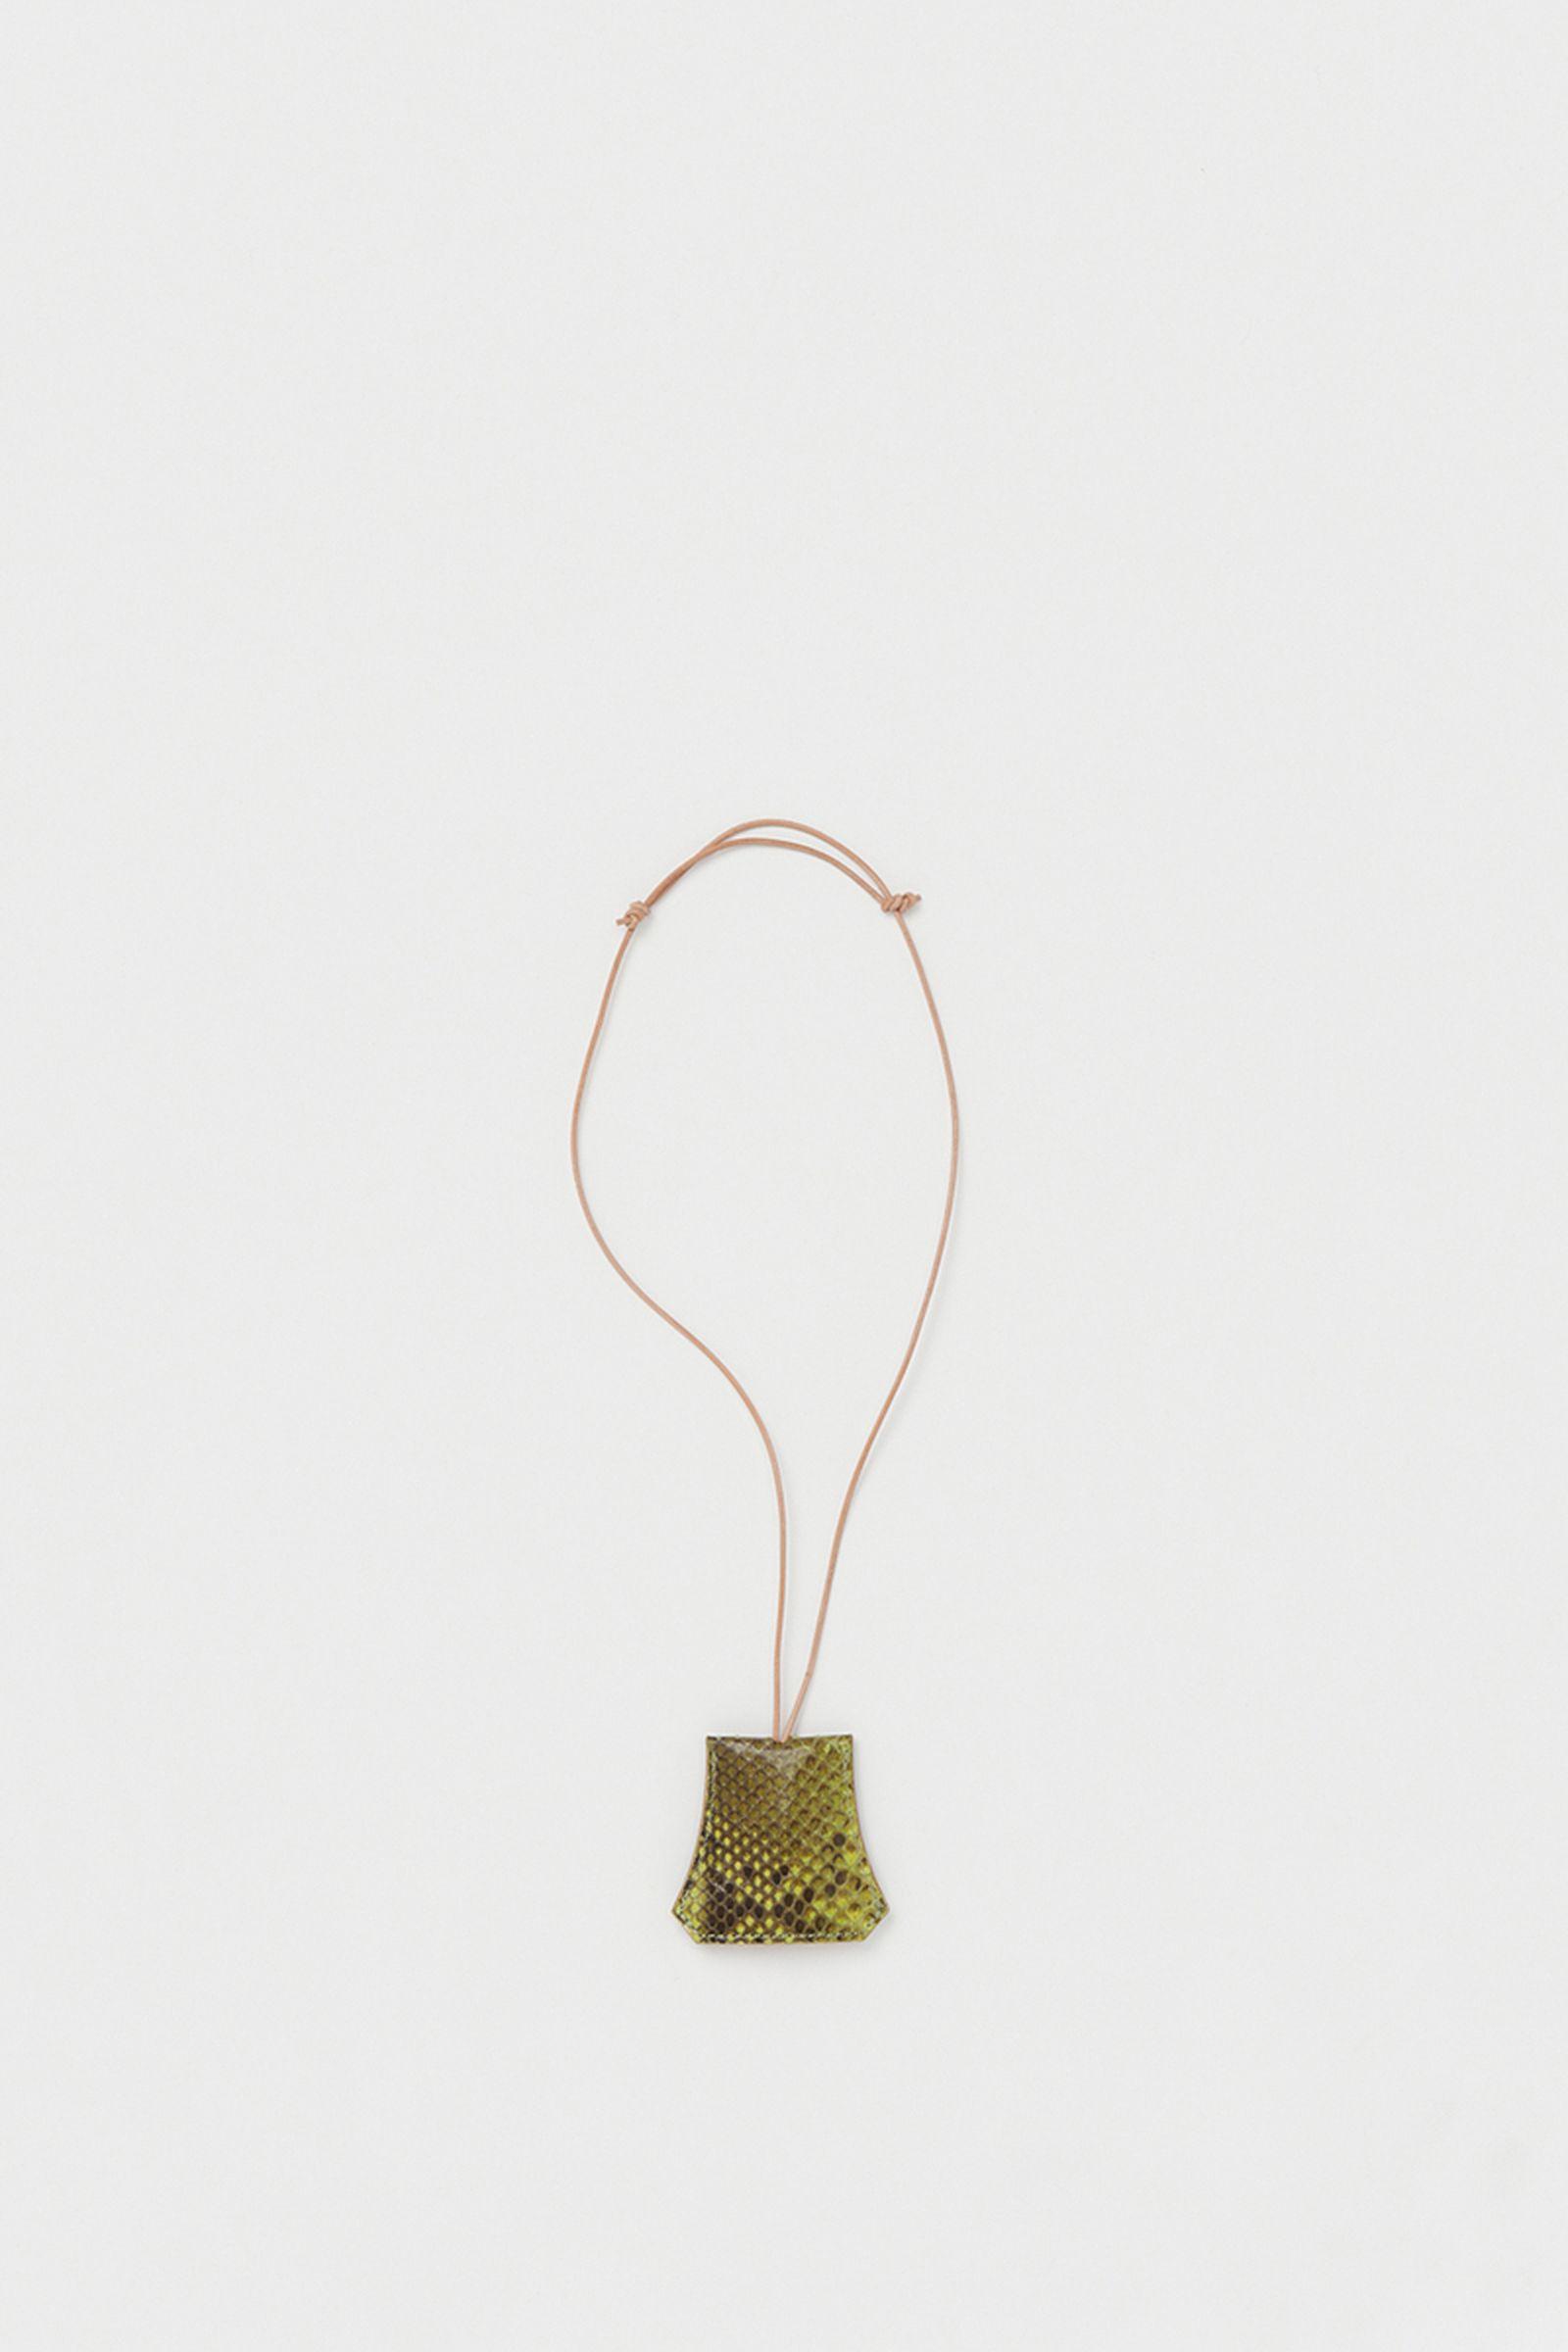 hender-scheme-summer-autumn-2021-collection- (69)